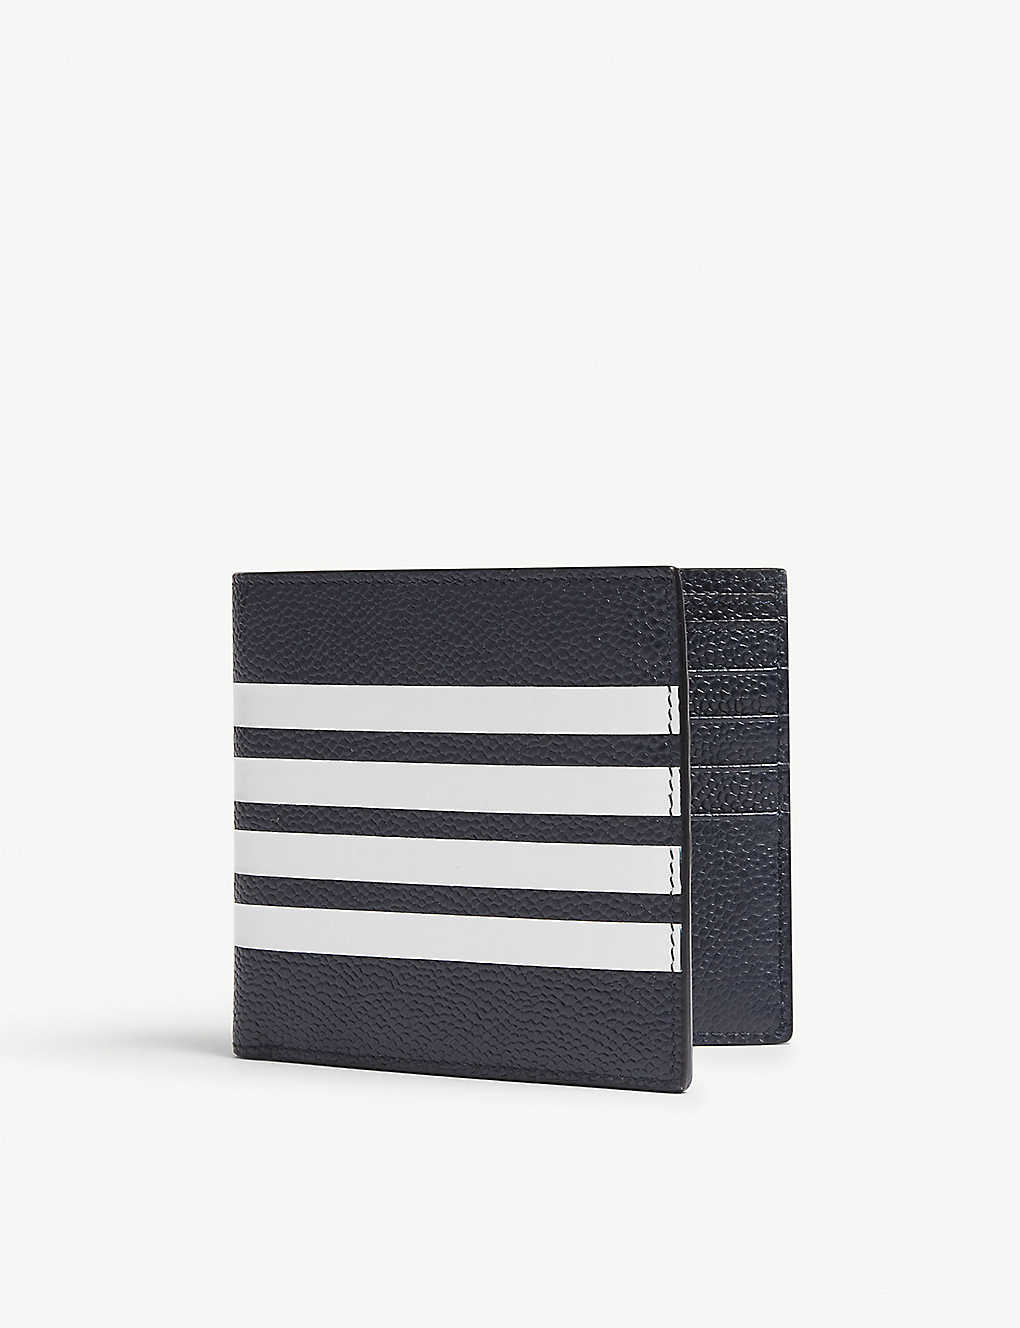 974228af1002 THOM BROWNE - Four-stripe pebbled leather billfold wallet ...